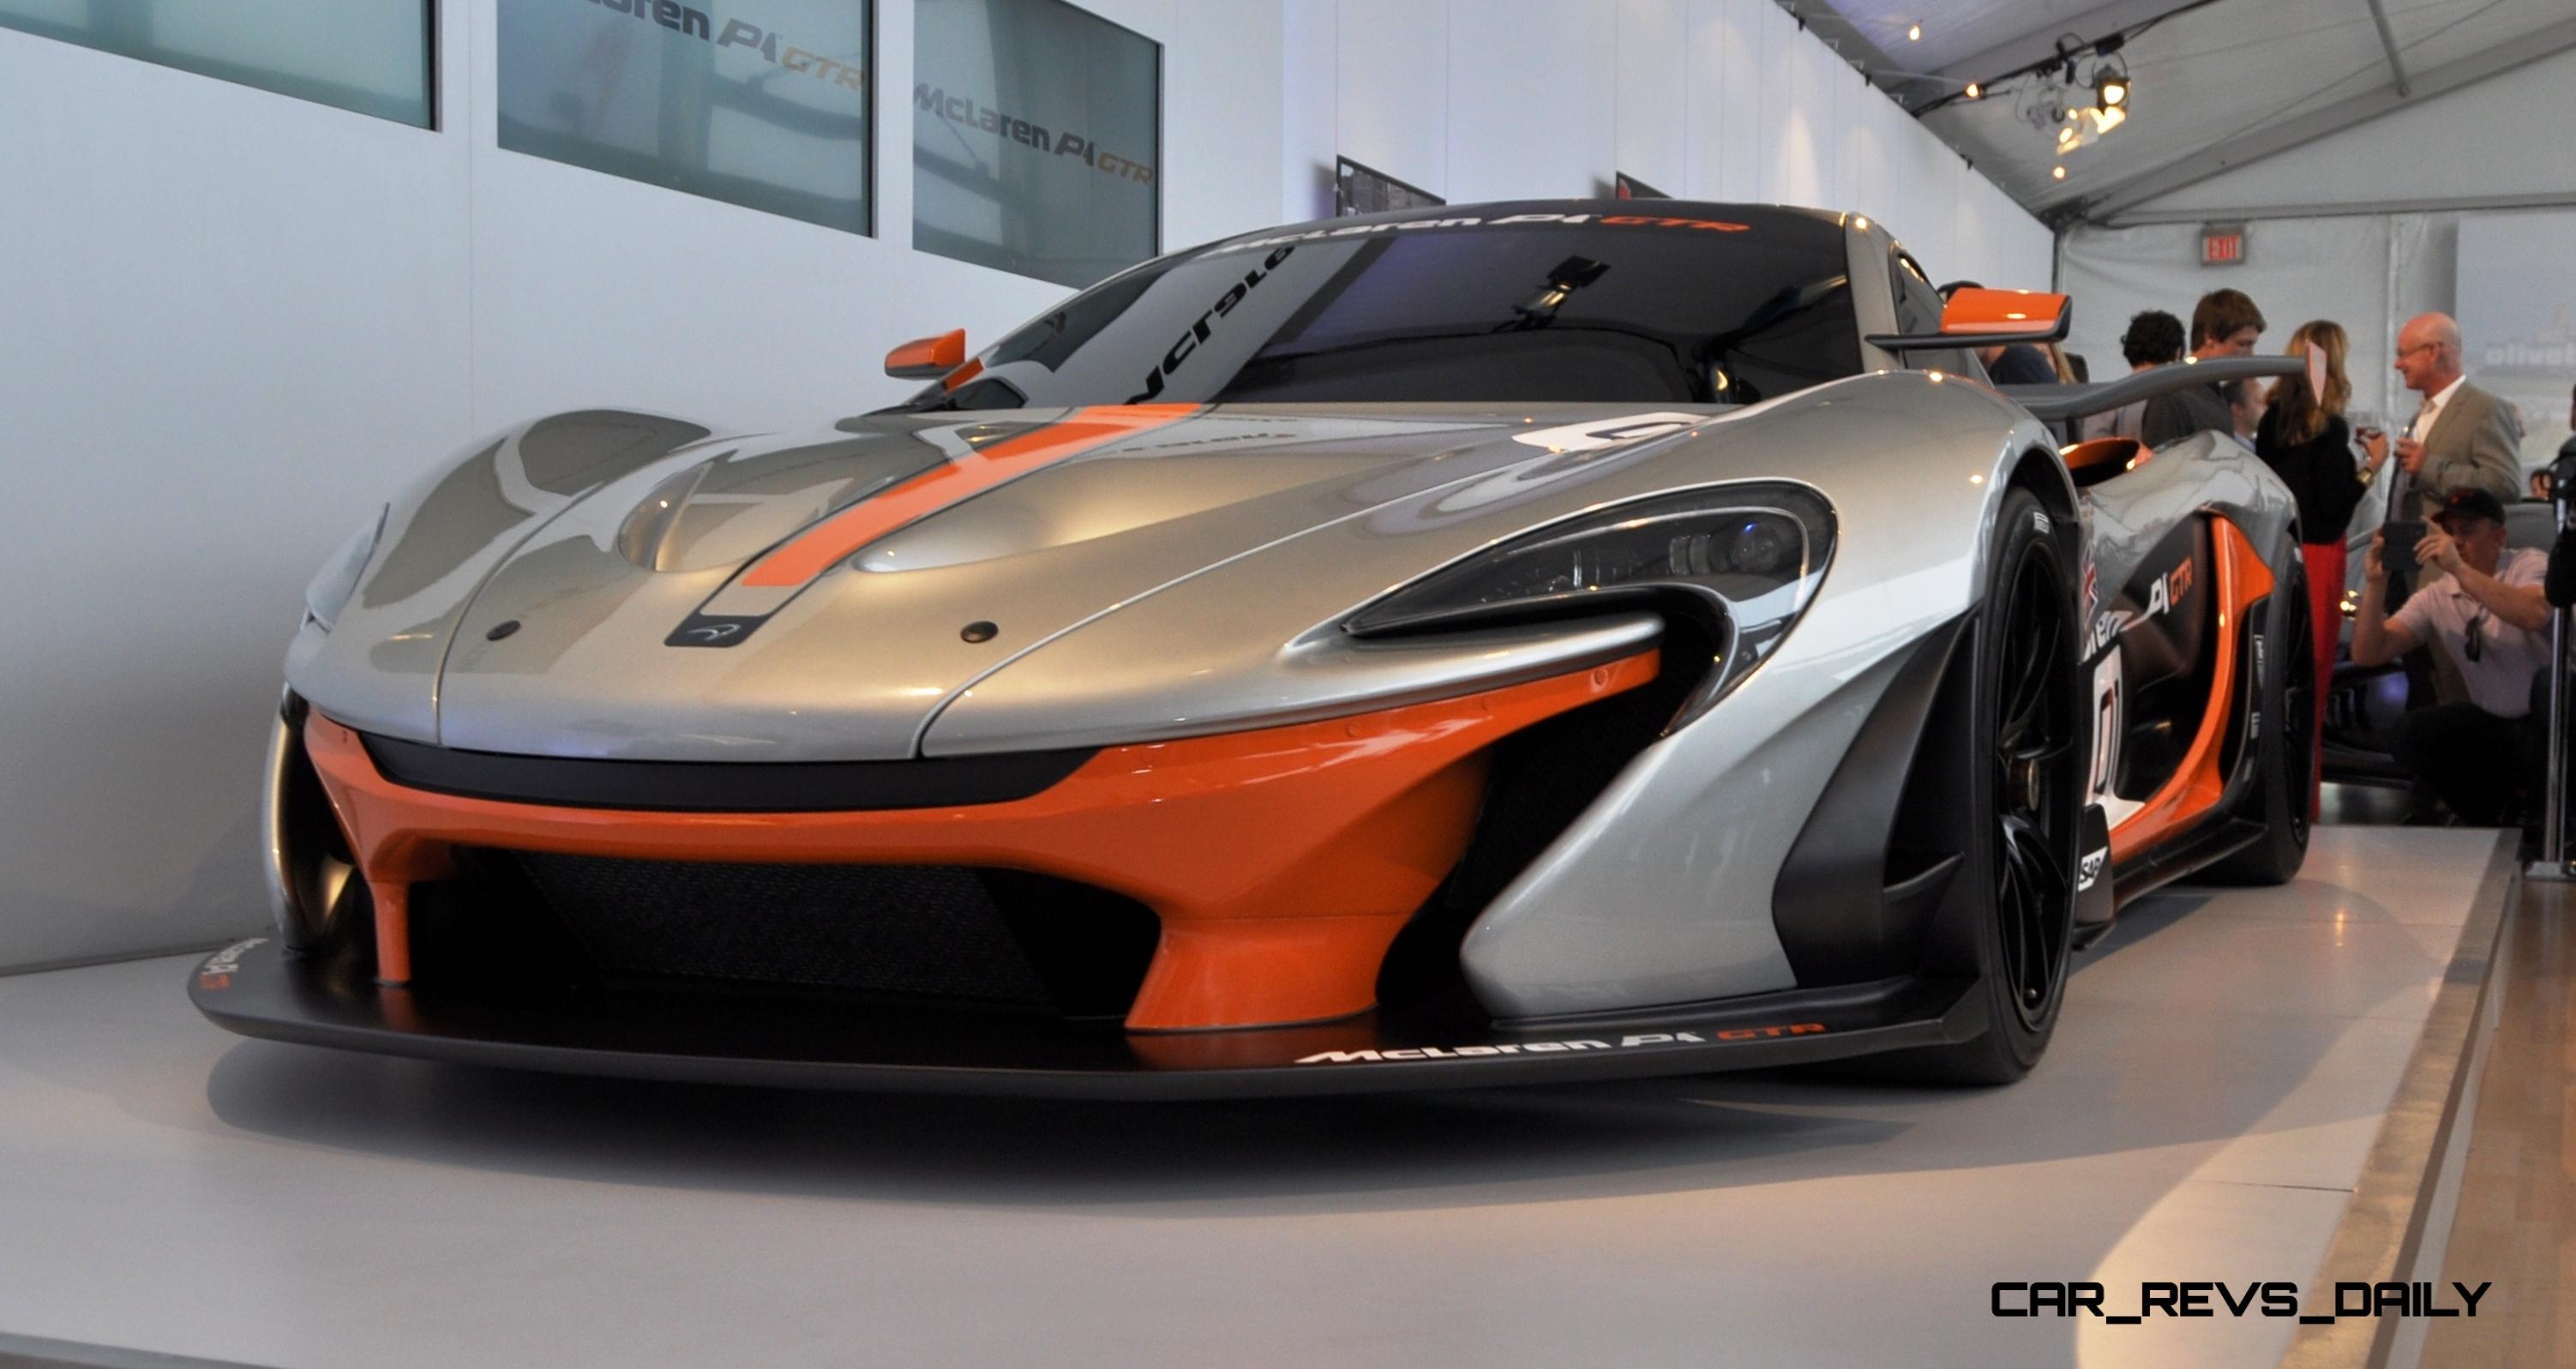 2015 McLaren P1 GTR - Pebble Beach World Debut in 55 High-Res Photos 22